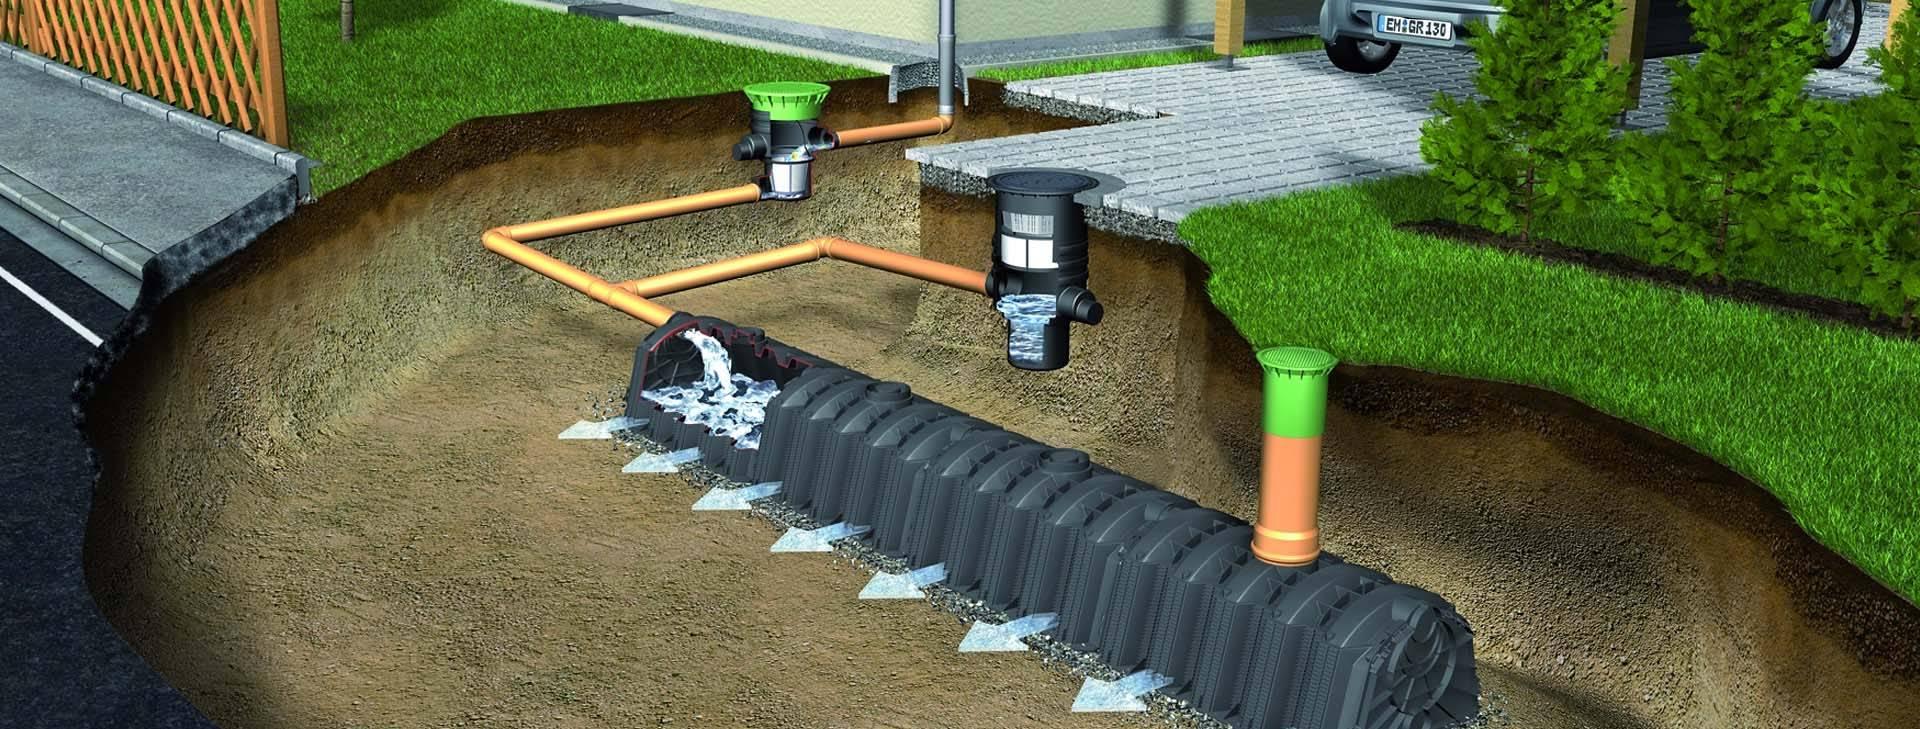 Как правильно установить дренажную систему для дачного участка